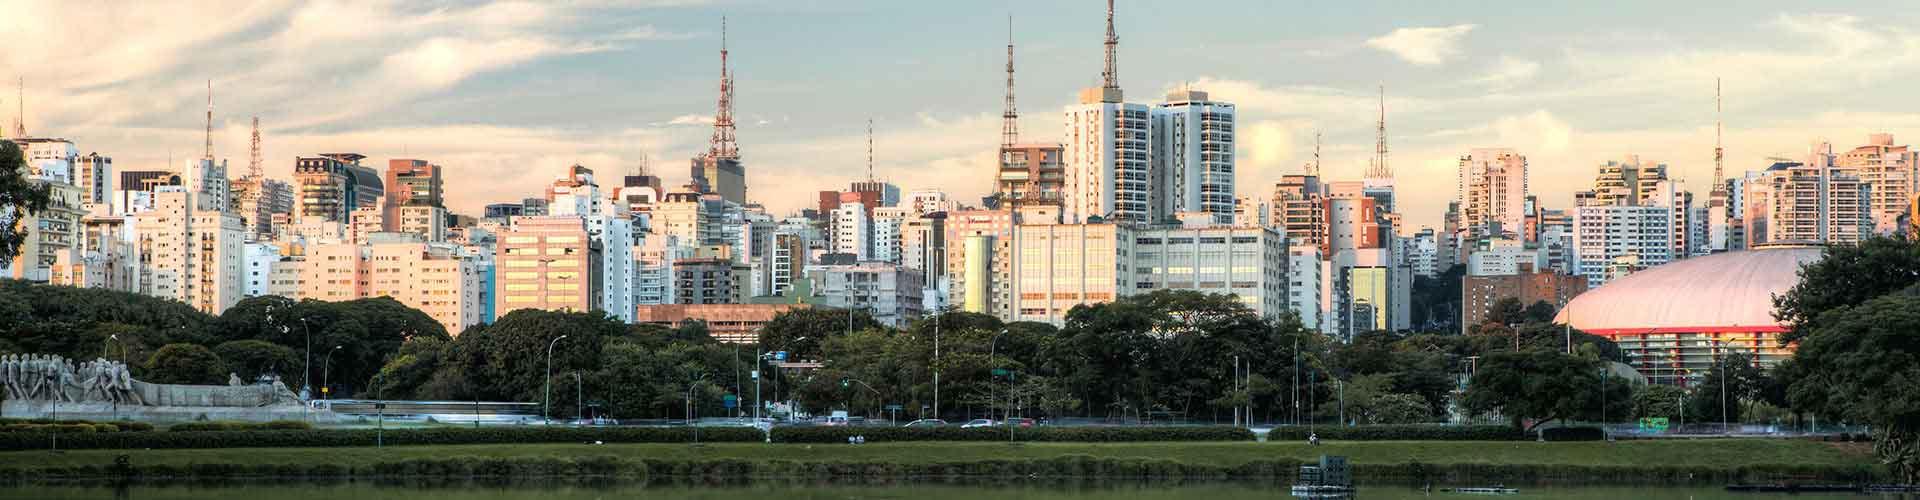 Sao Paulo - Hostels nahe Stadtzentrum. Sao Paulo auf der Karte. Fotos und Bewertungen für jedes Hostel in Sao Paulo.